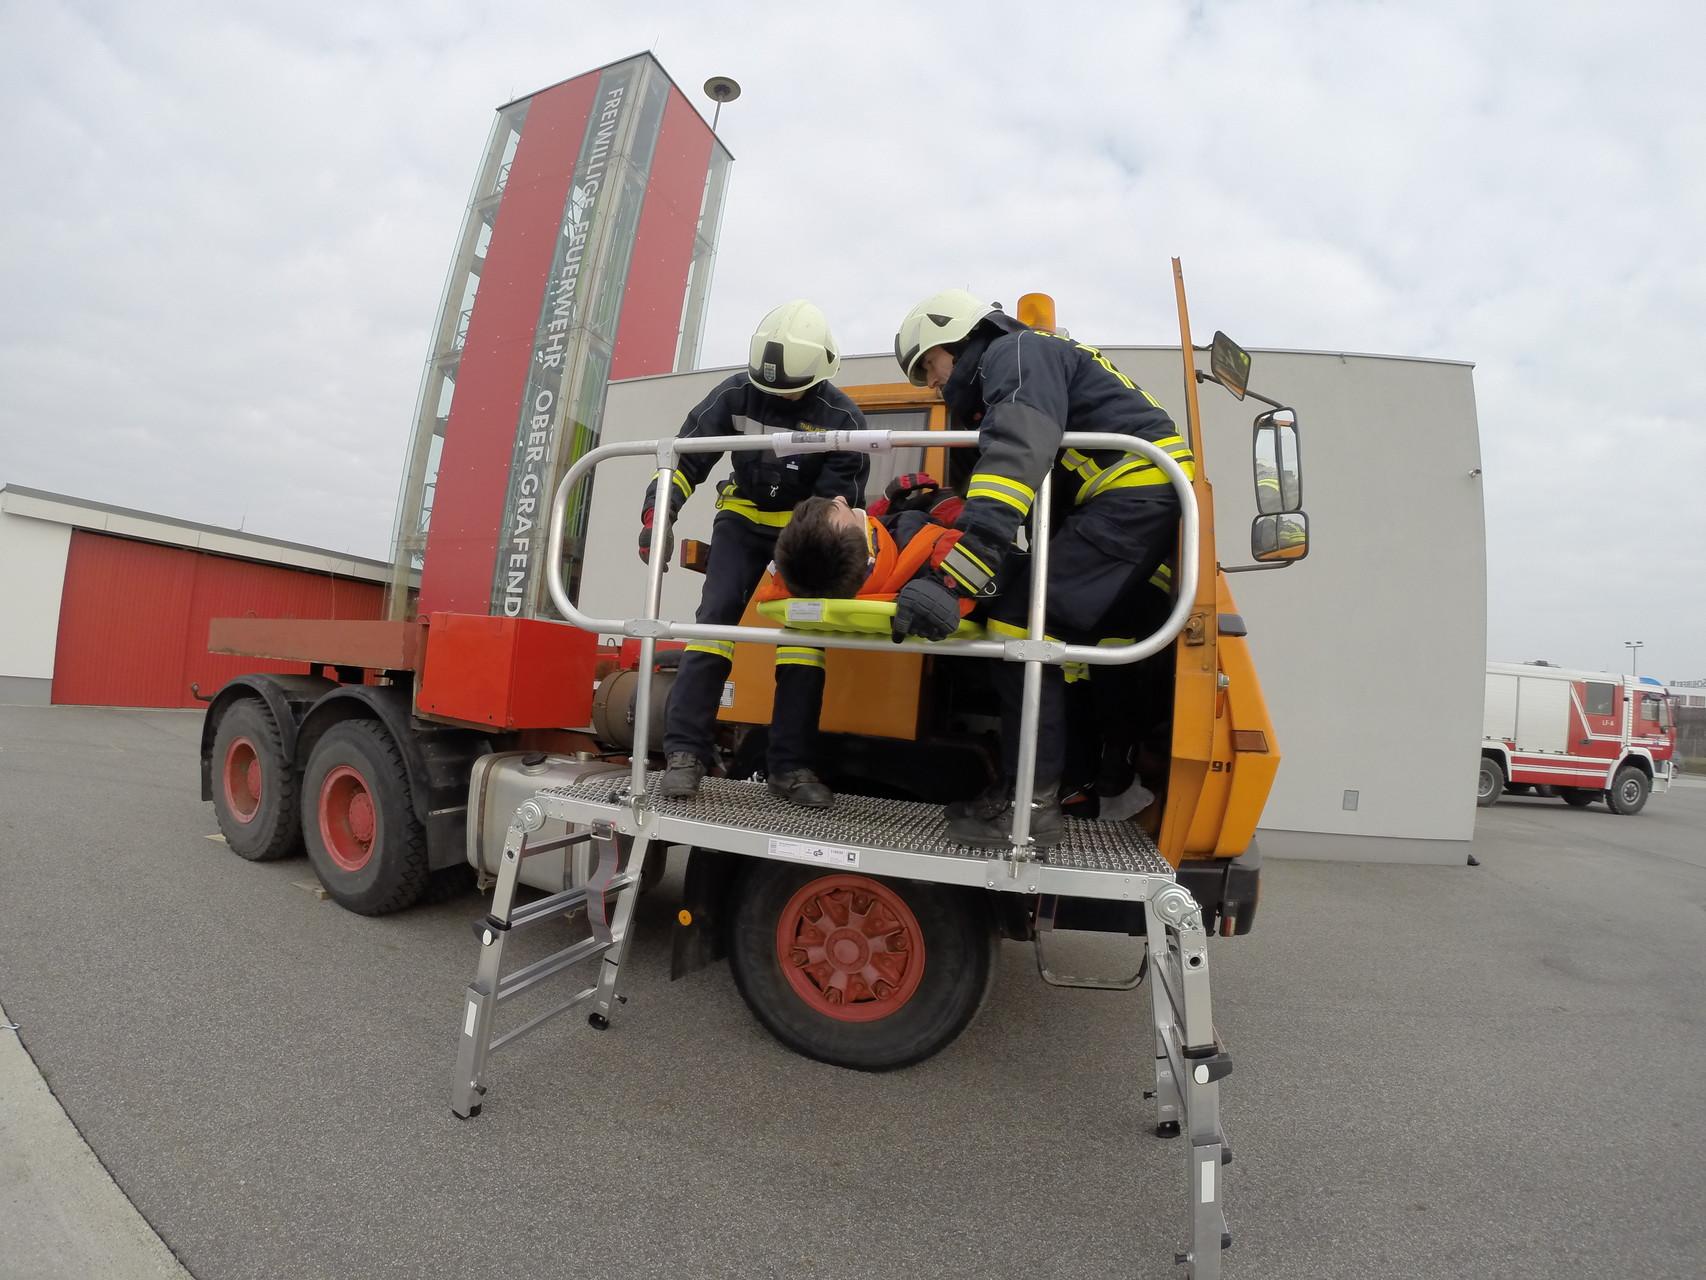 LKW Menschenrettung mit einer Rettungsplattform